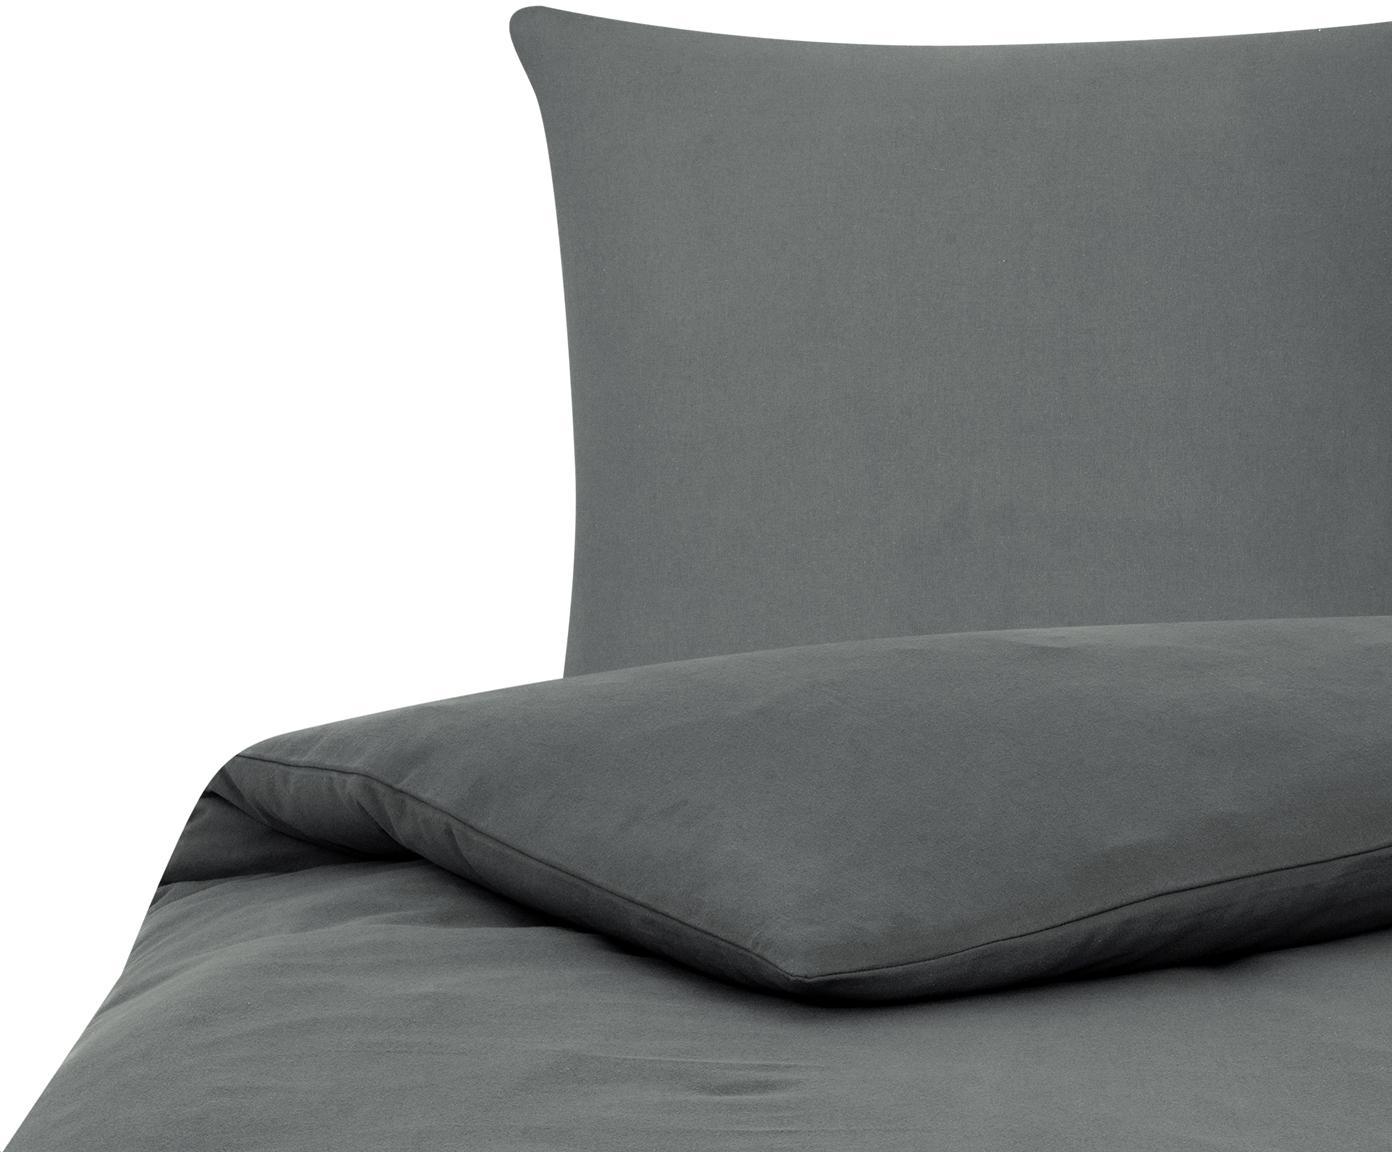 Flanell-Bettwäsche Biba in Dunkelgrau, Webart: Flanell Flanell ist ein s, Dunkelgrau, 135 x 200 cm + 1 Kissen 80 x 80 cm